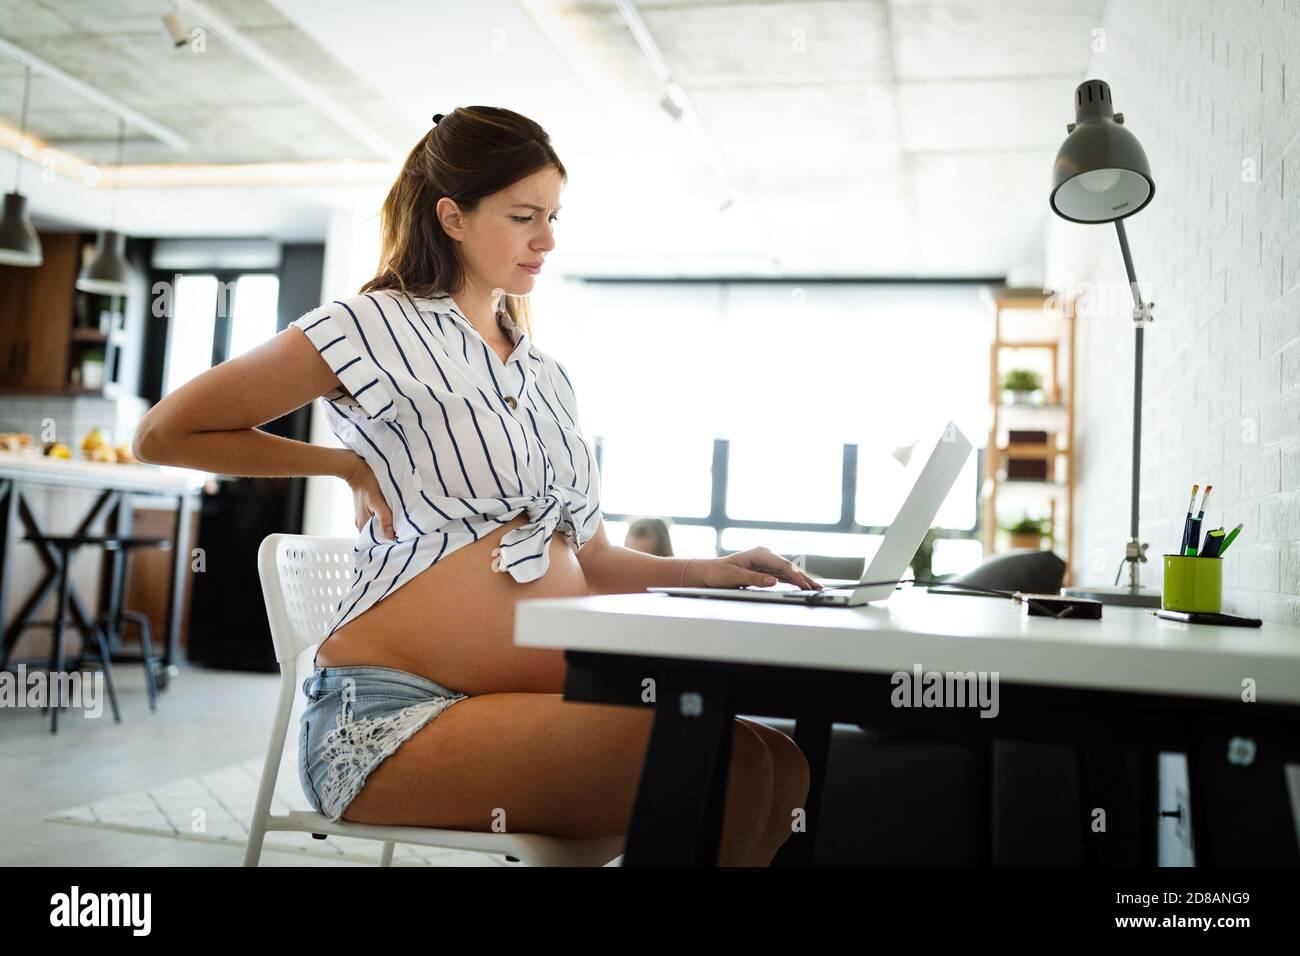 Femme enceinte fatiguée le travail à domicile sur ordinateur Banque D'Images